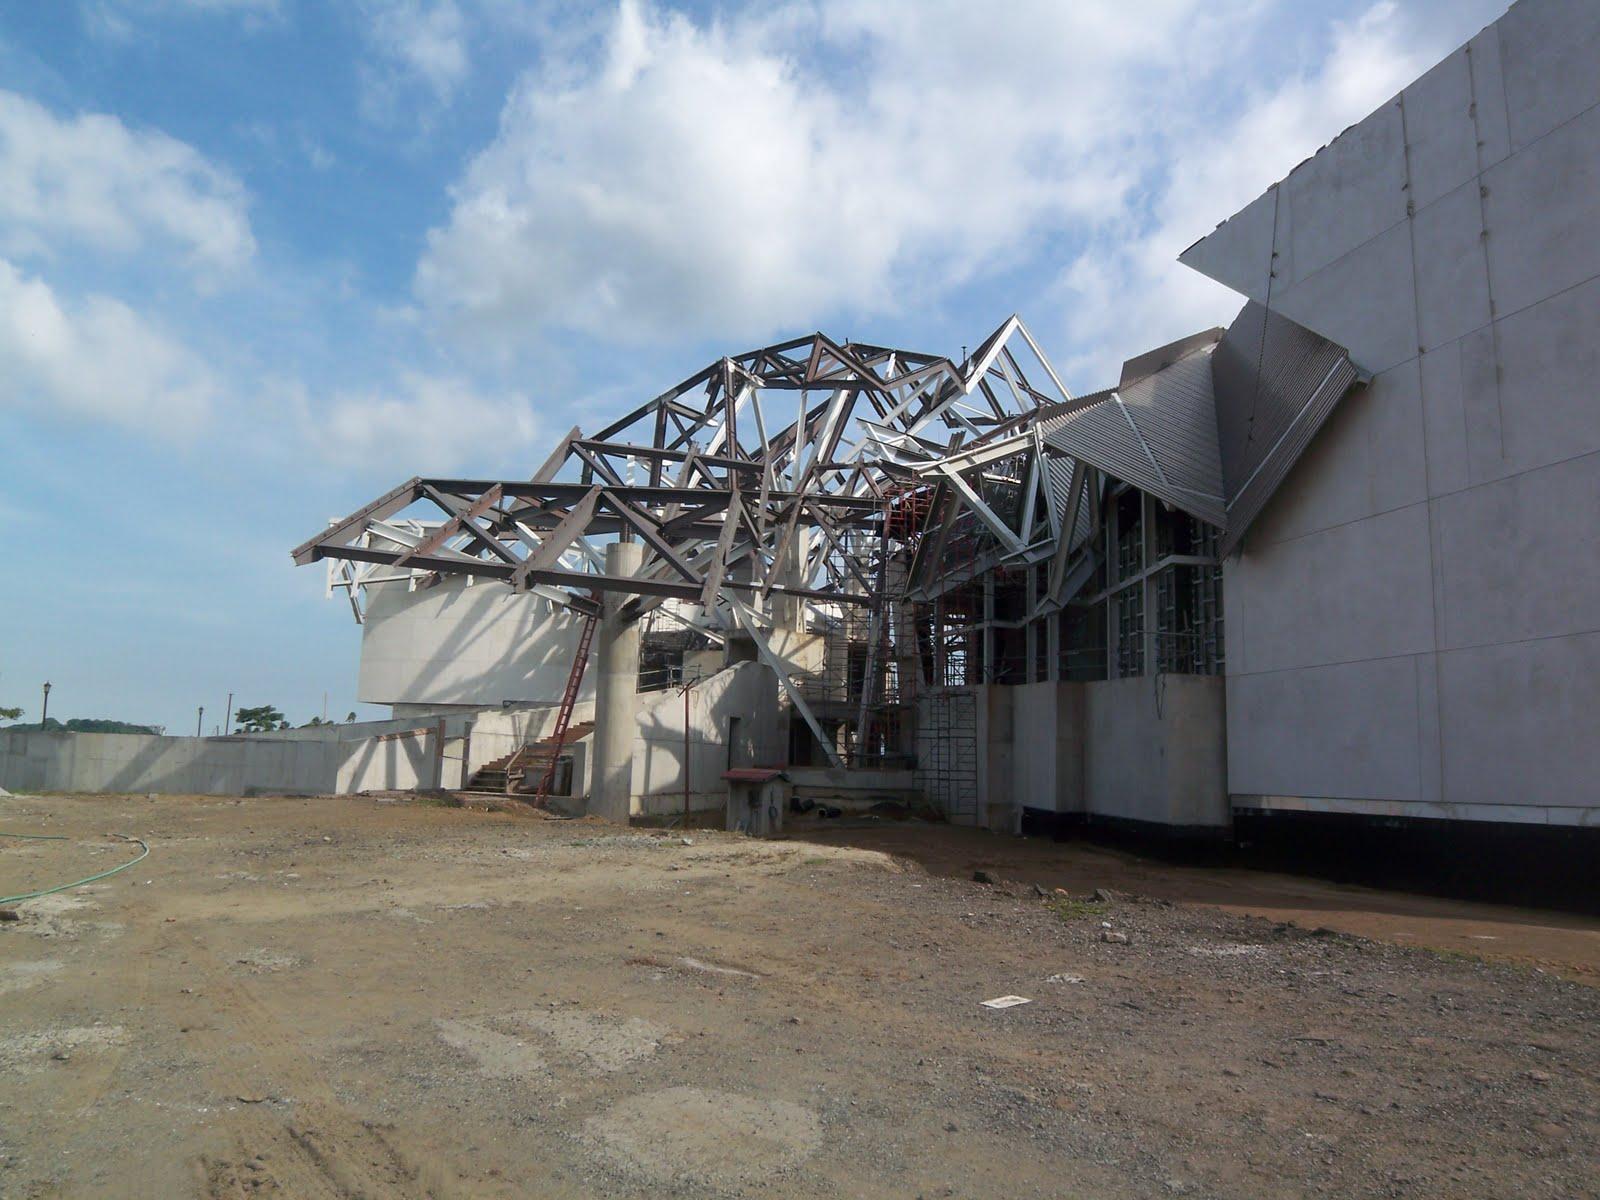 http://4.bp.blogspot.com/_mARm8yeJ2l8/TDyHnkGnOCI/AAAAAAAAA-s/UfaXv6lGk-8/s1600/Panama+2010+350.jpg